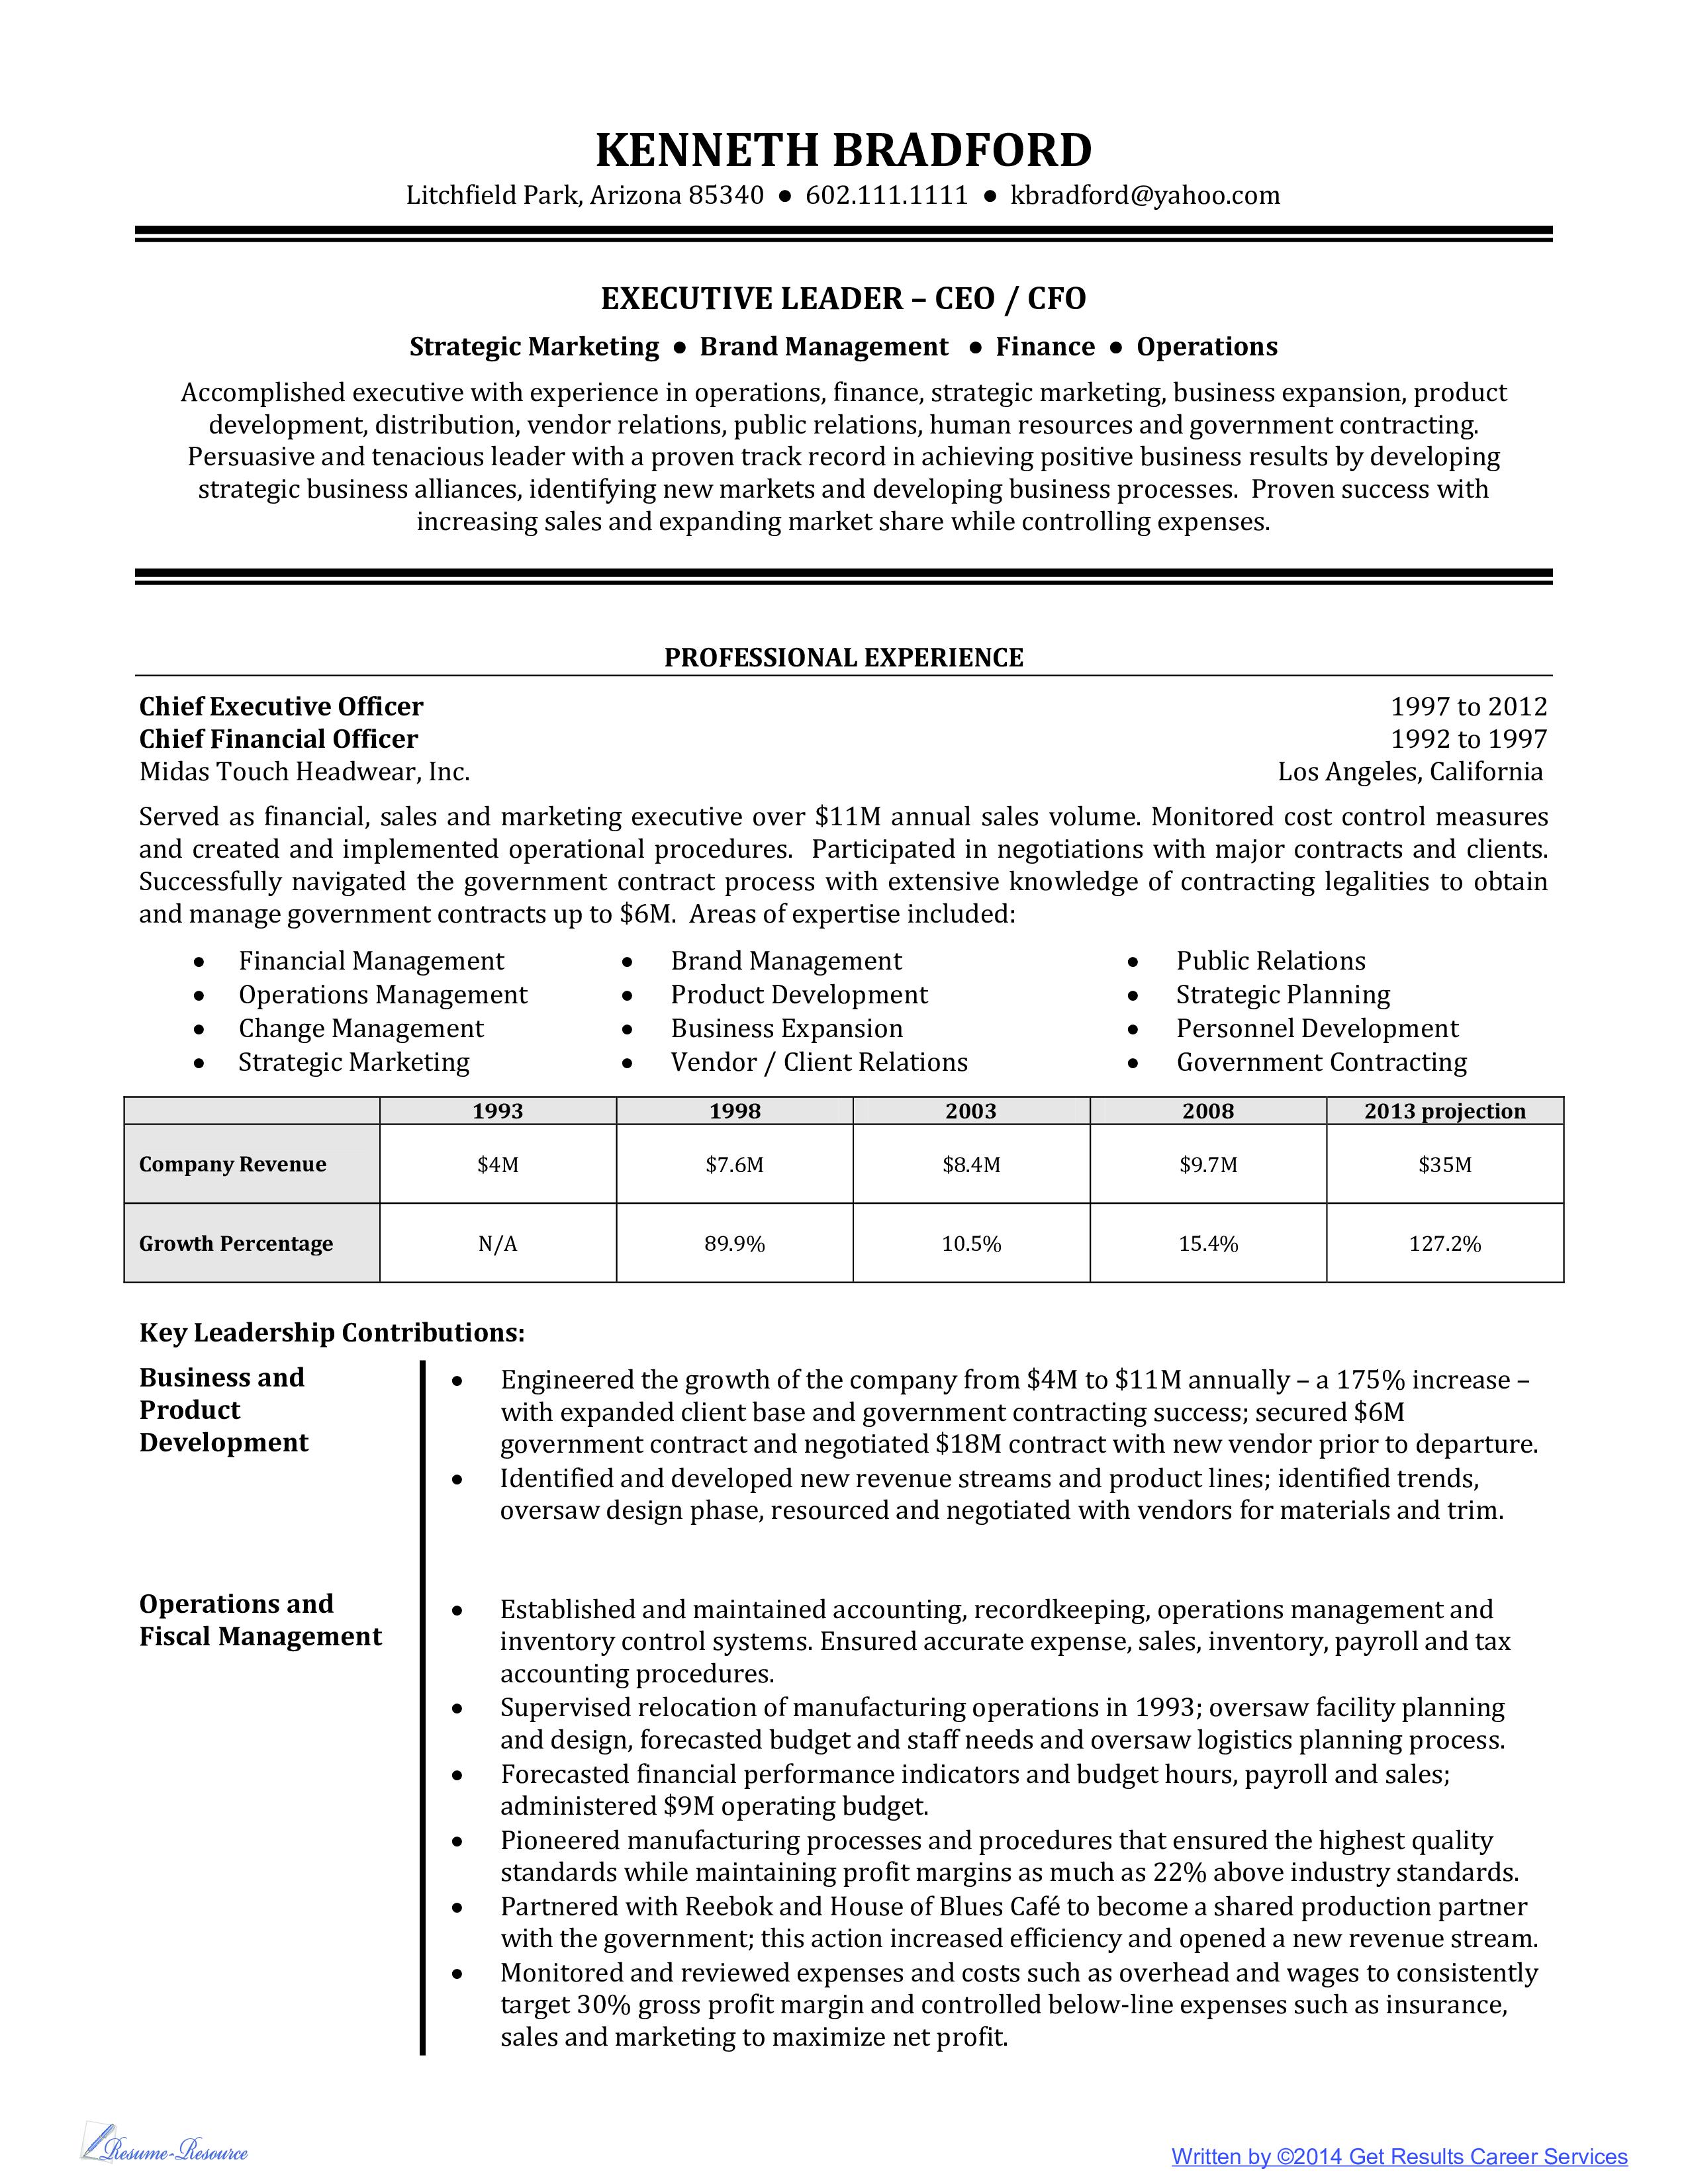 resume High Level Resume level executive resume example high main image